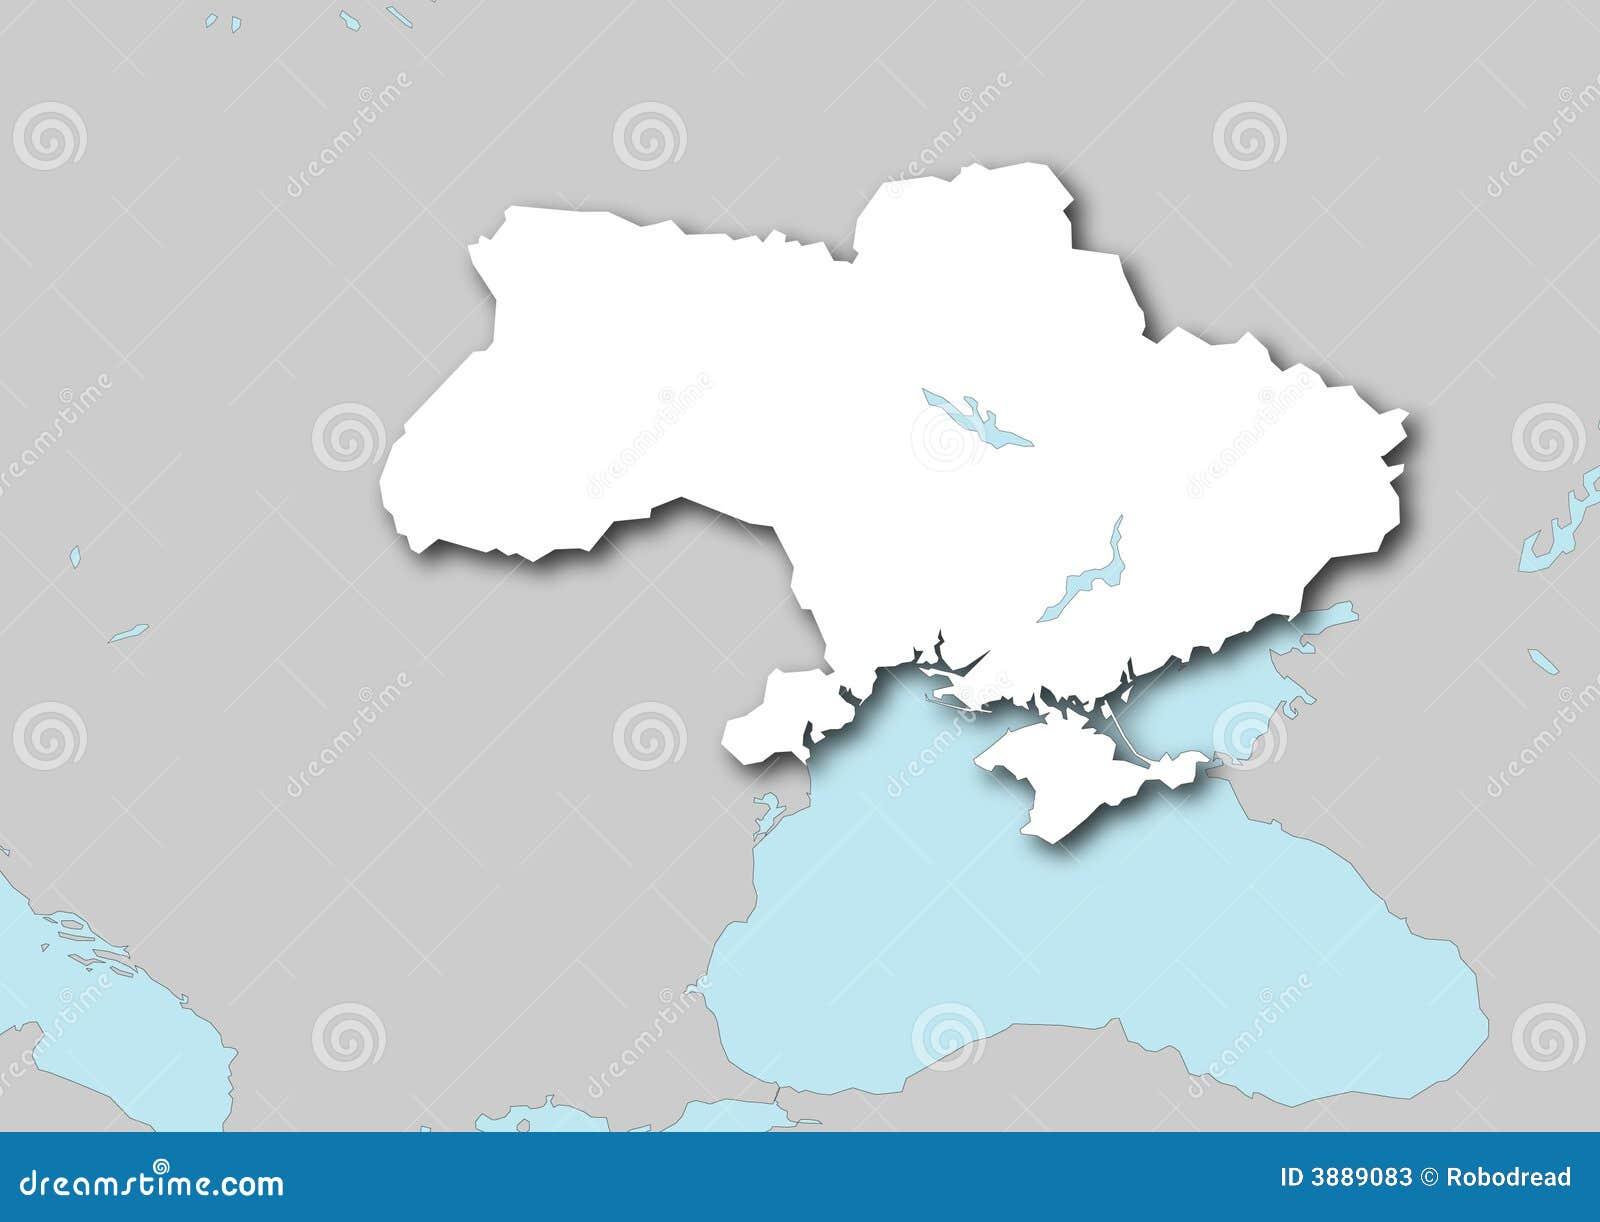 Ukraine stilisiert karte des computers hergestellt